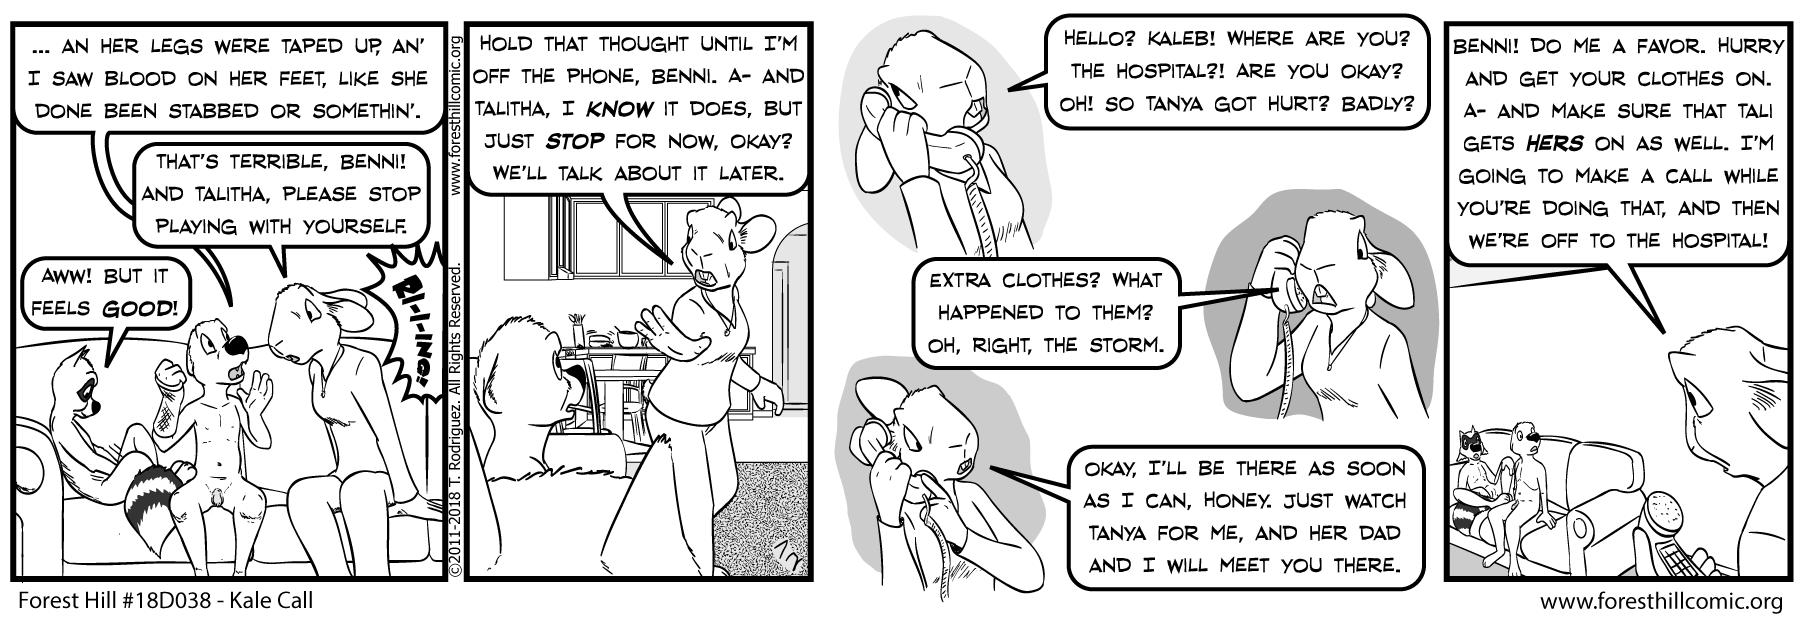 Kale Call